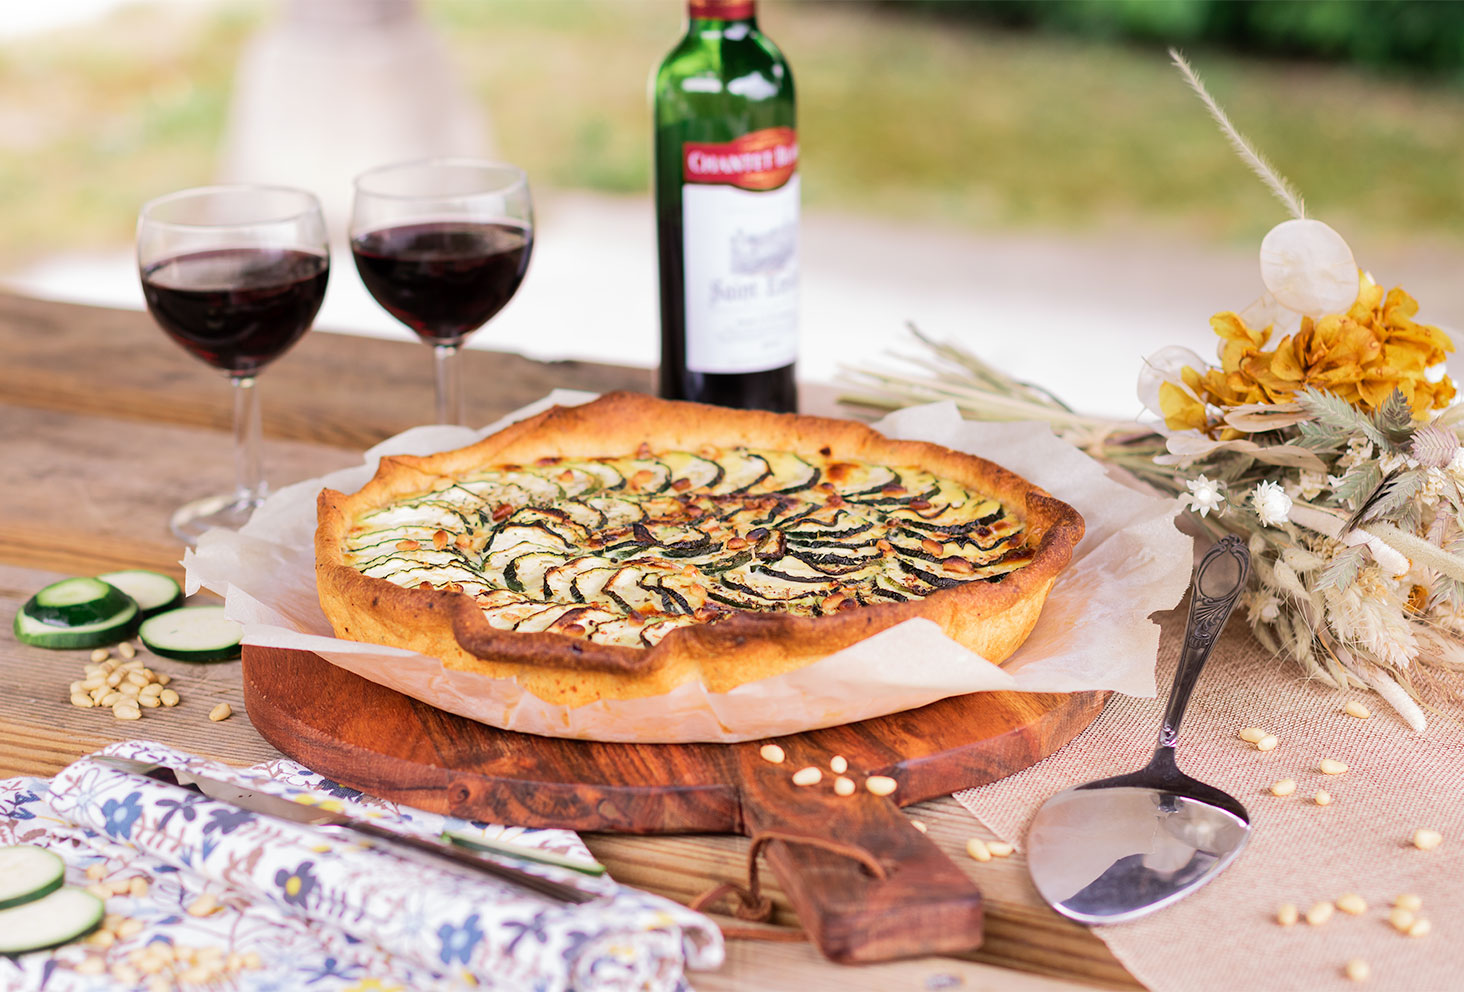 Une tarte courgette posée sur une planche à découper ronde en bois, au milieu d'un pique-nique champêtre